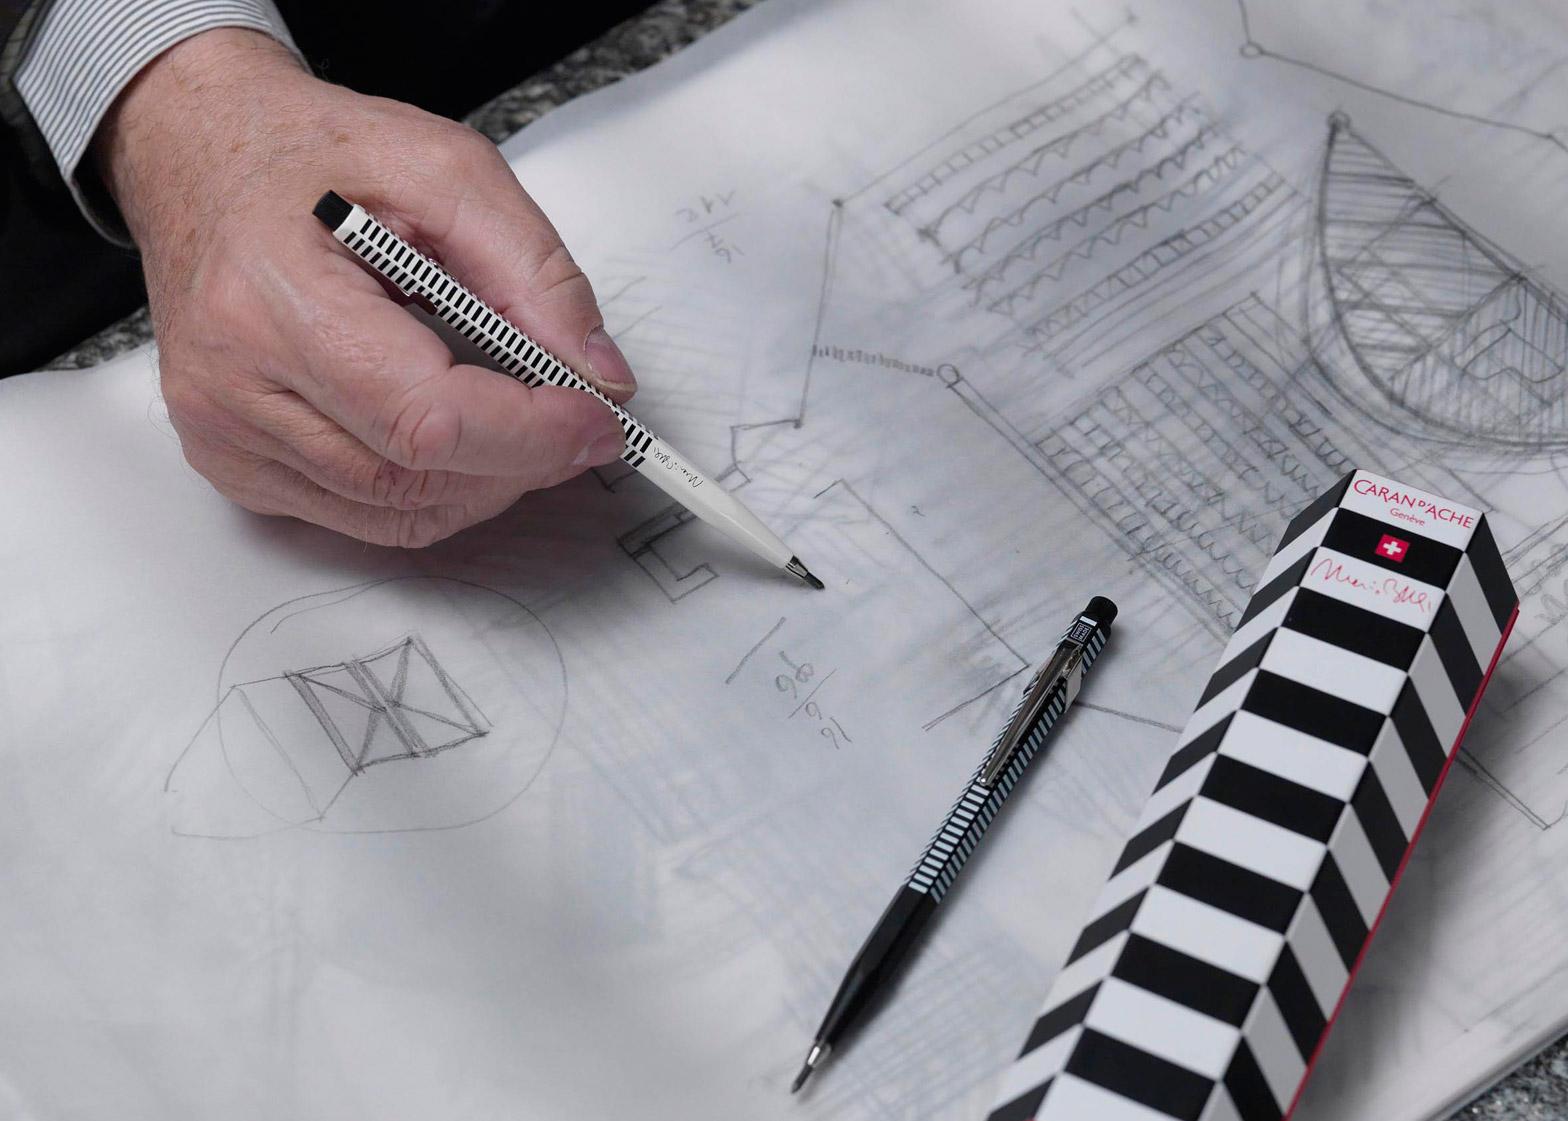 Mario Botta cria sua linha de lápis e canetas para projetos.